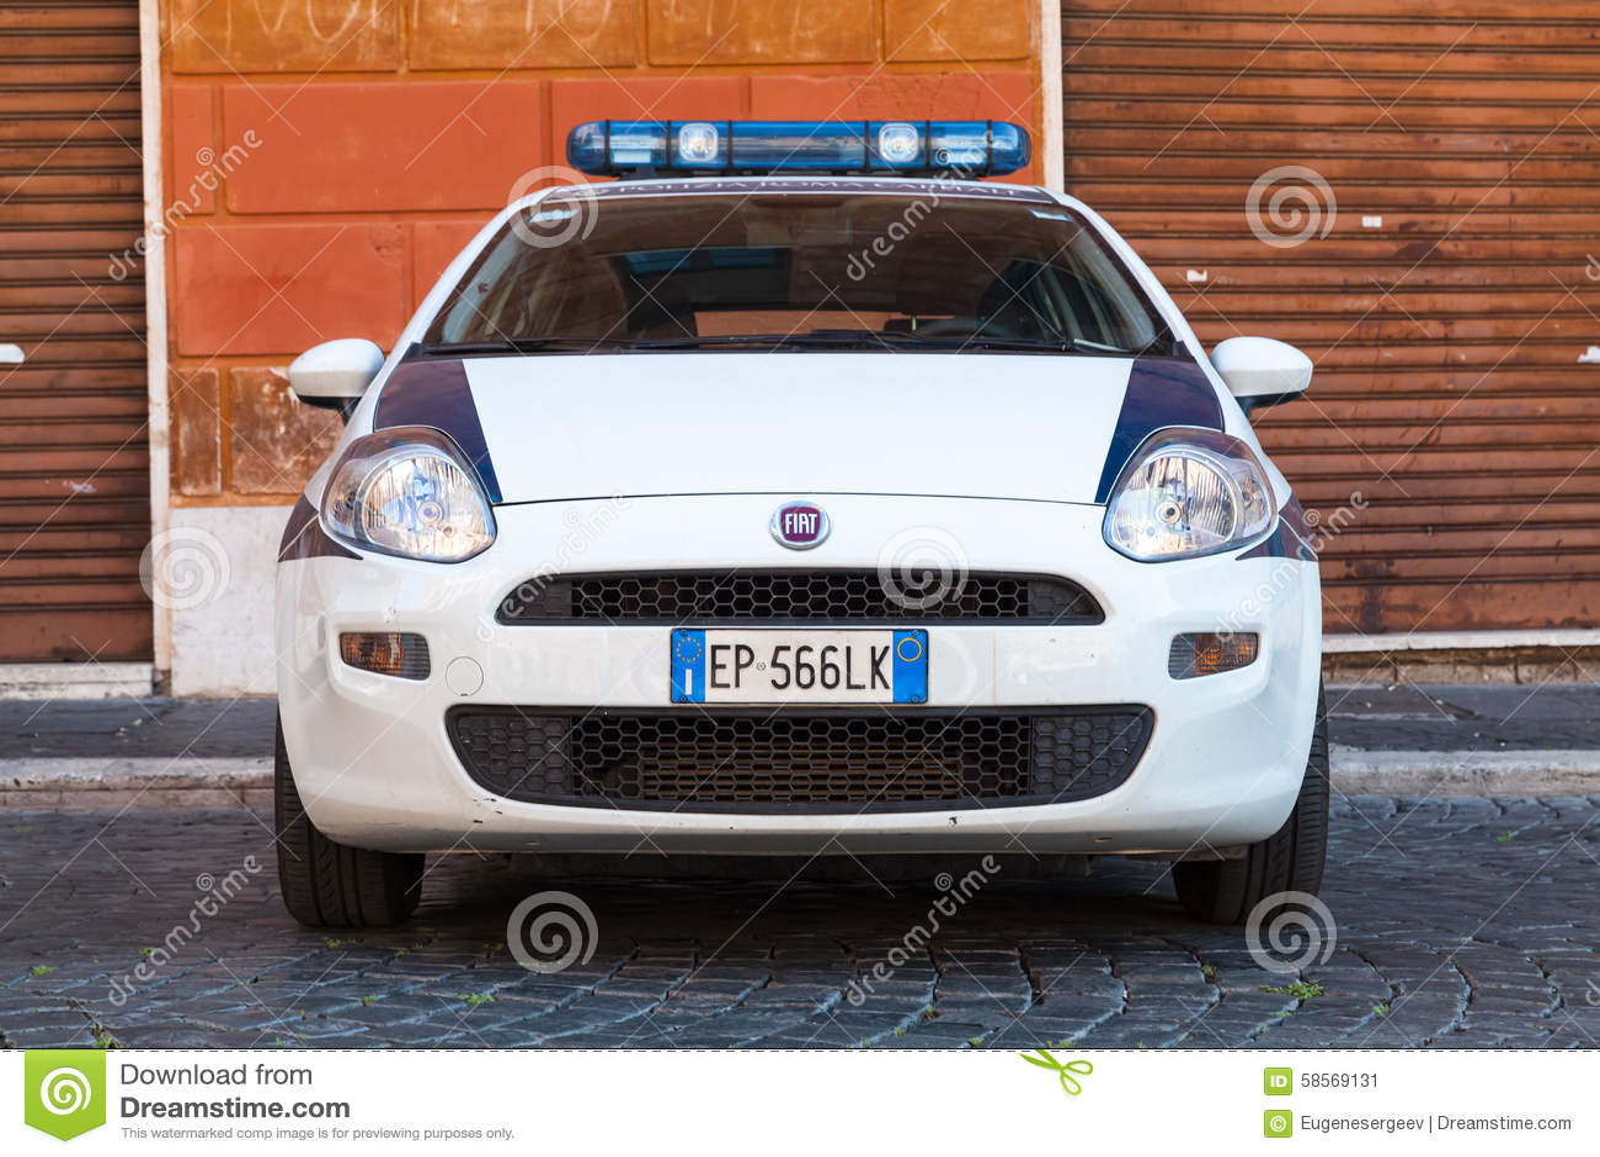 Biały Fiat Fiat Punto Grande Samochód Policyjny Parkujący Zdjęcie on fiat multipla, fiat marea, fiat coupe, fiat ritmo, fiat x1/9, fiat stilo, fiat cars, fiat spider, fiat seicento, fiat 500 abarth, fiat cinquecento, fiat barchetta, fiat bravo, fiat doblo, fiat panda, fiat 500l, fiat linea, fiat 500 turbo,